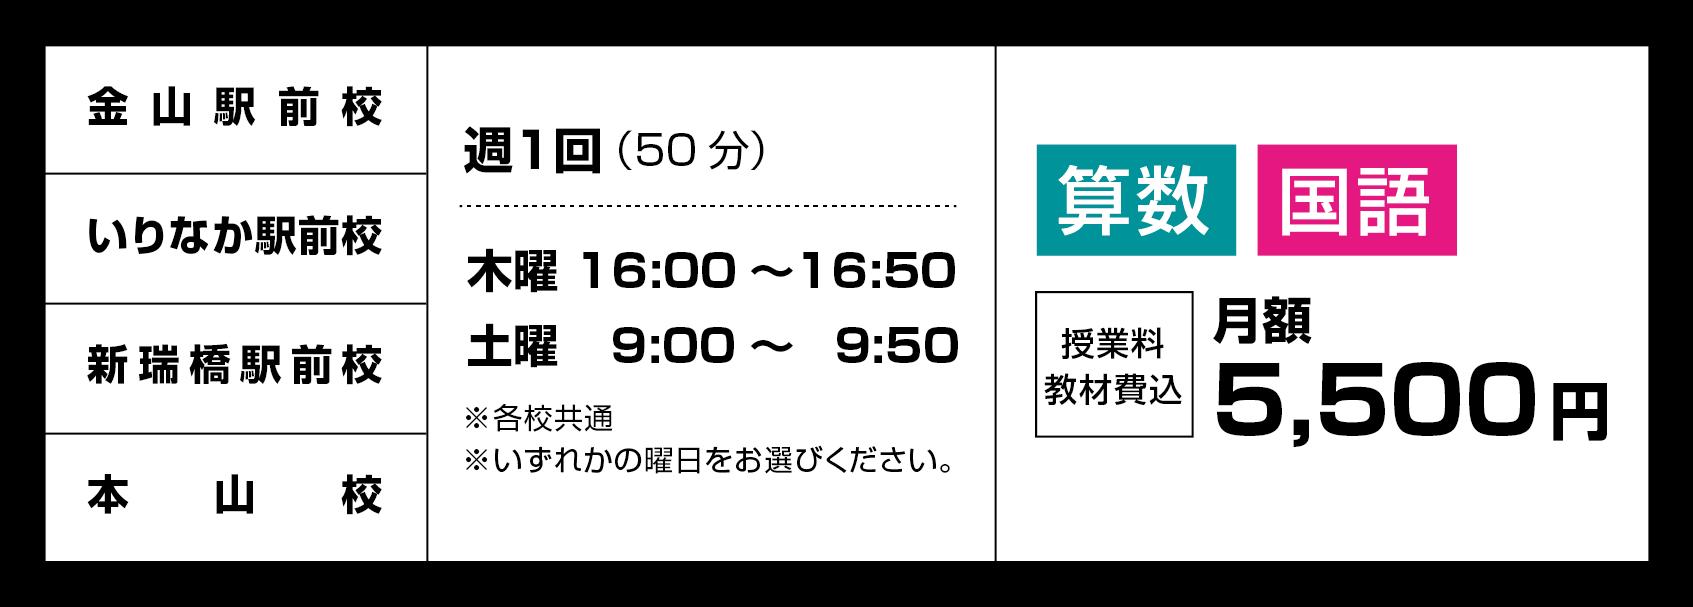 中学受験準備コース詳細